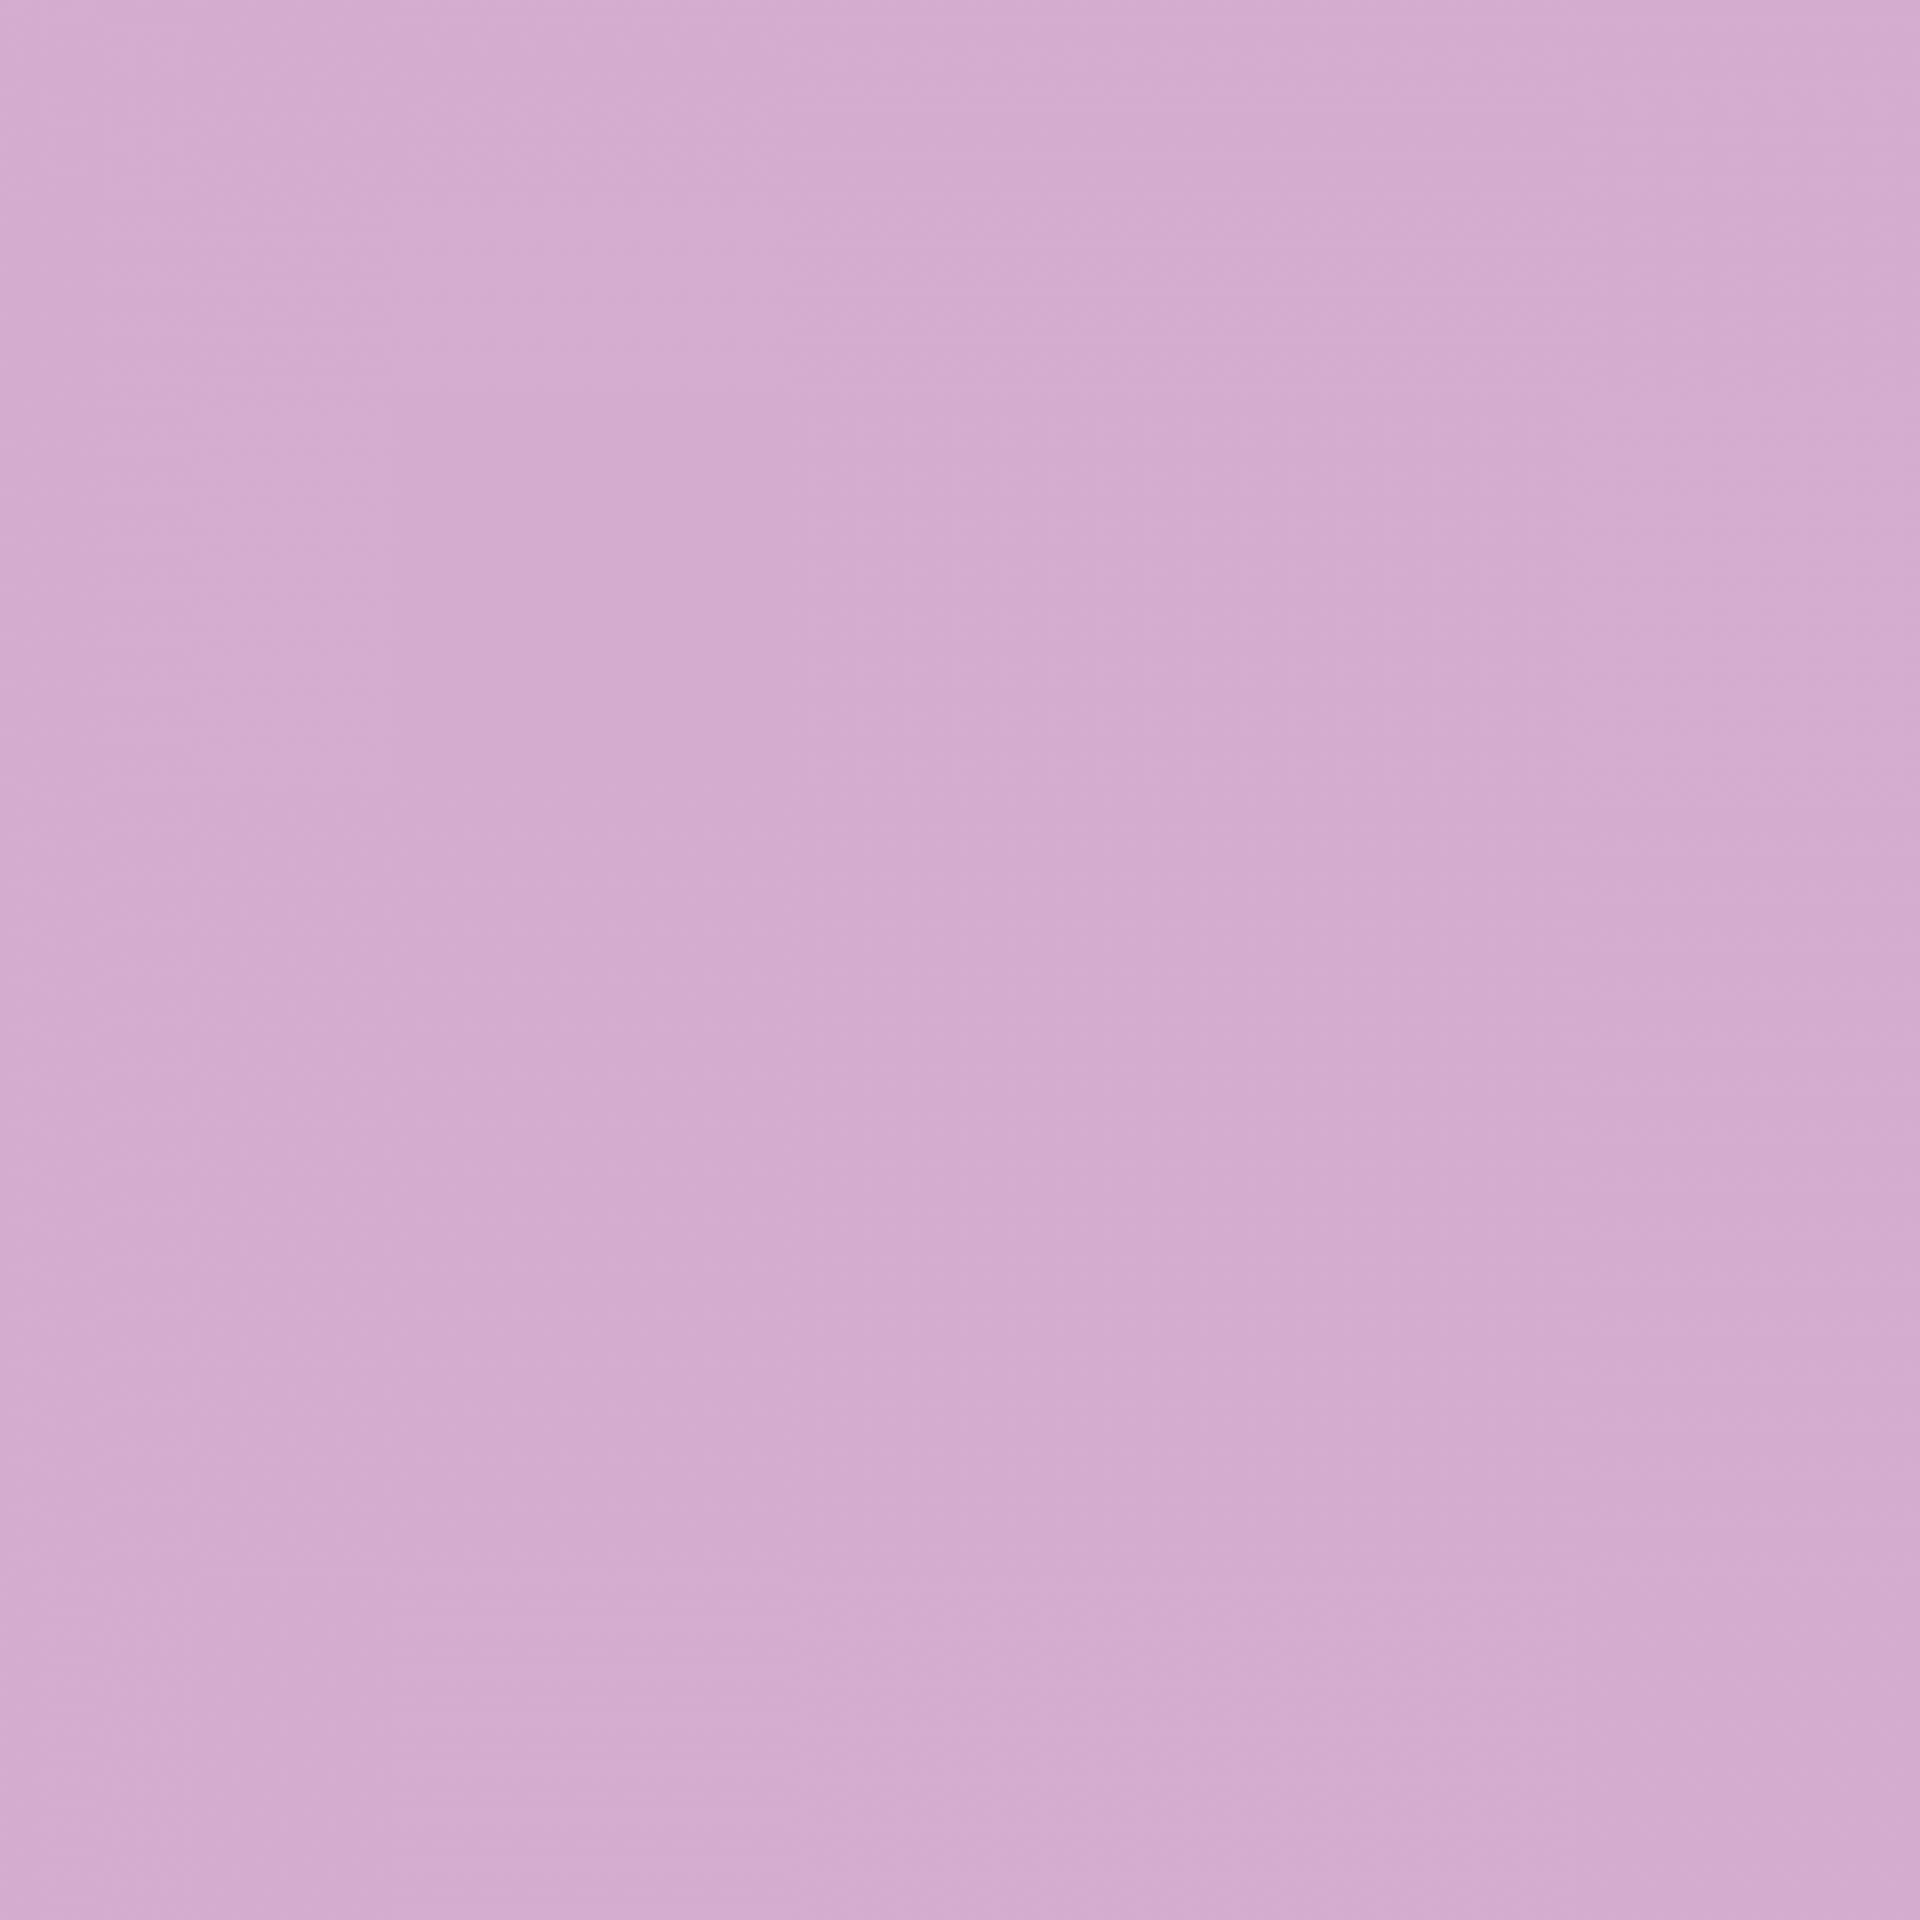 Lavender, Violet Background